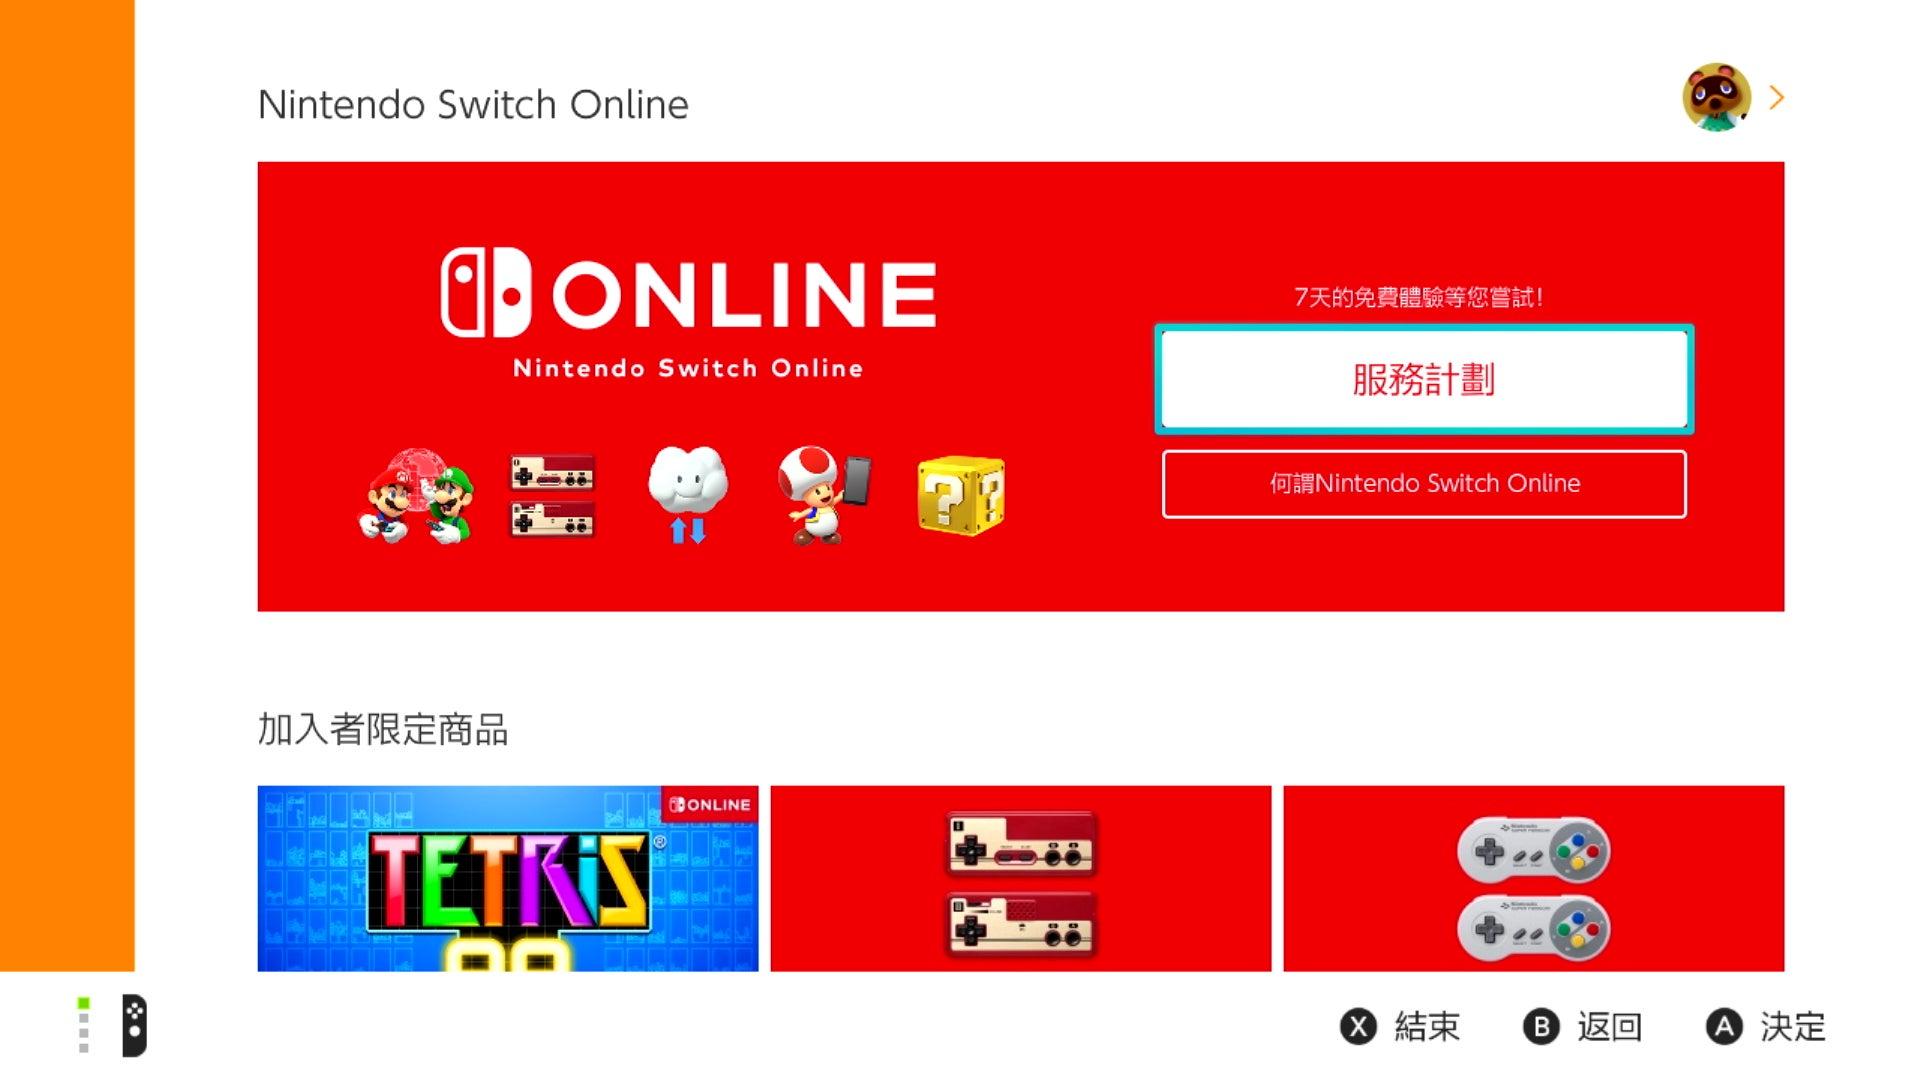 計劃等的變更或停止使用|Nintendo Switch Online支援|Nintendo